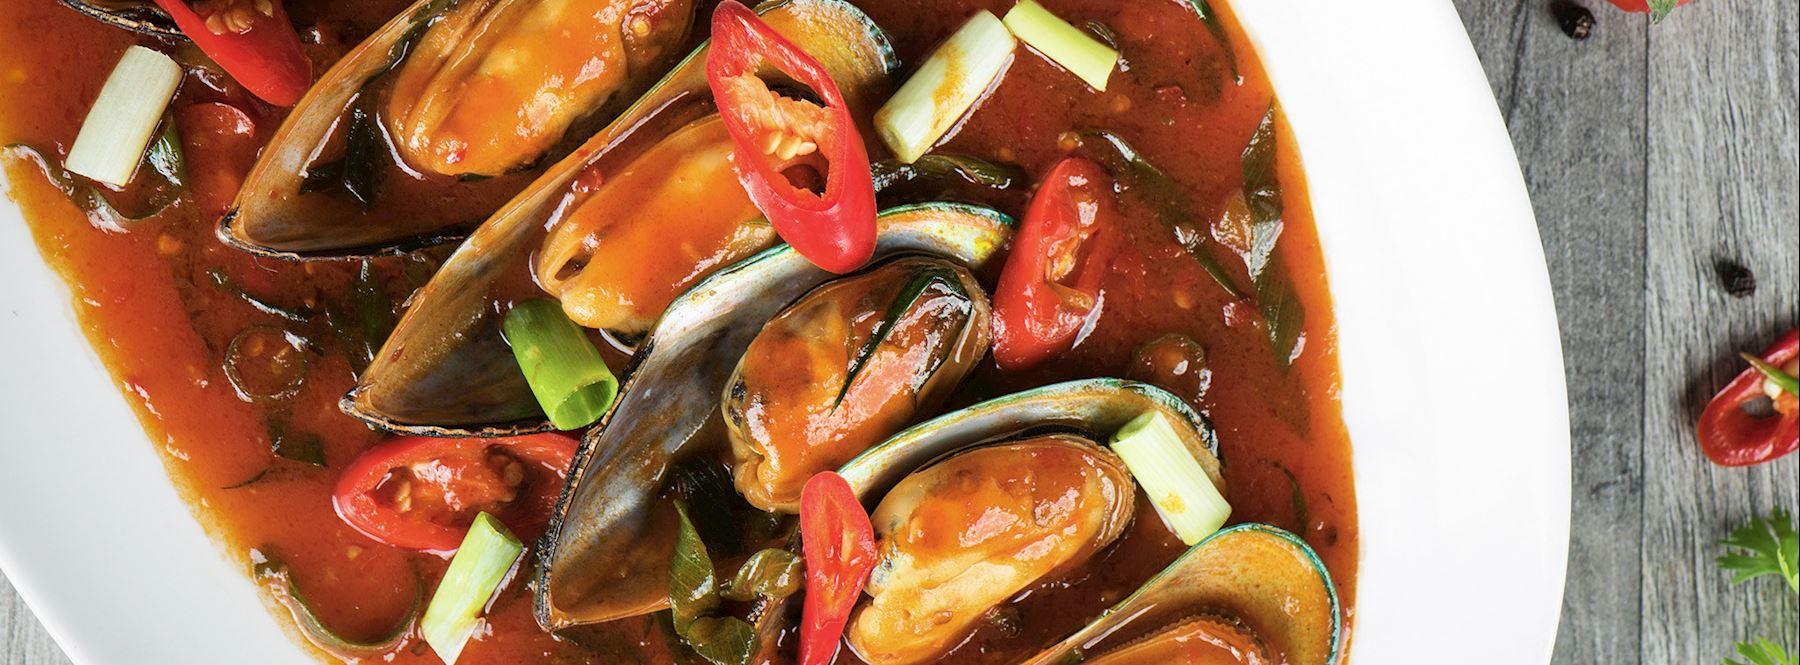 Seafood Market013